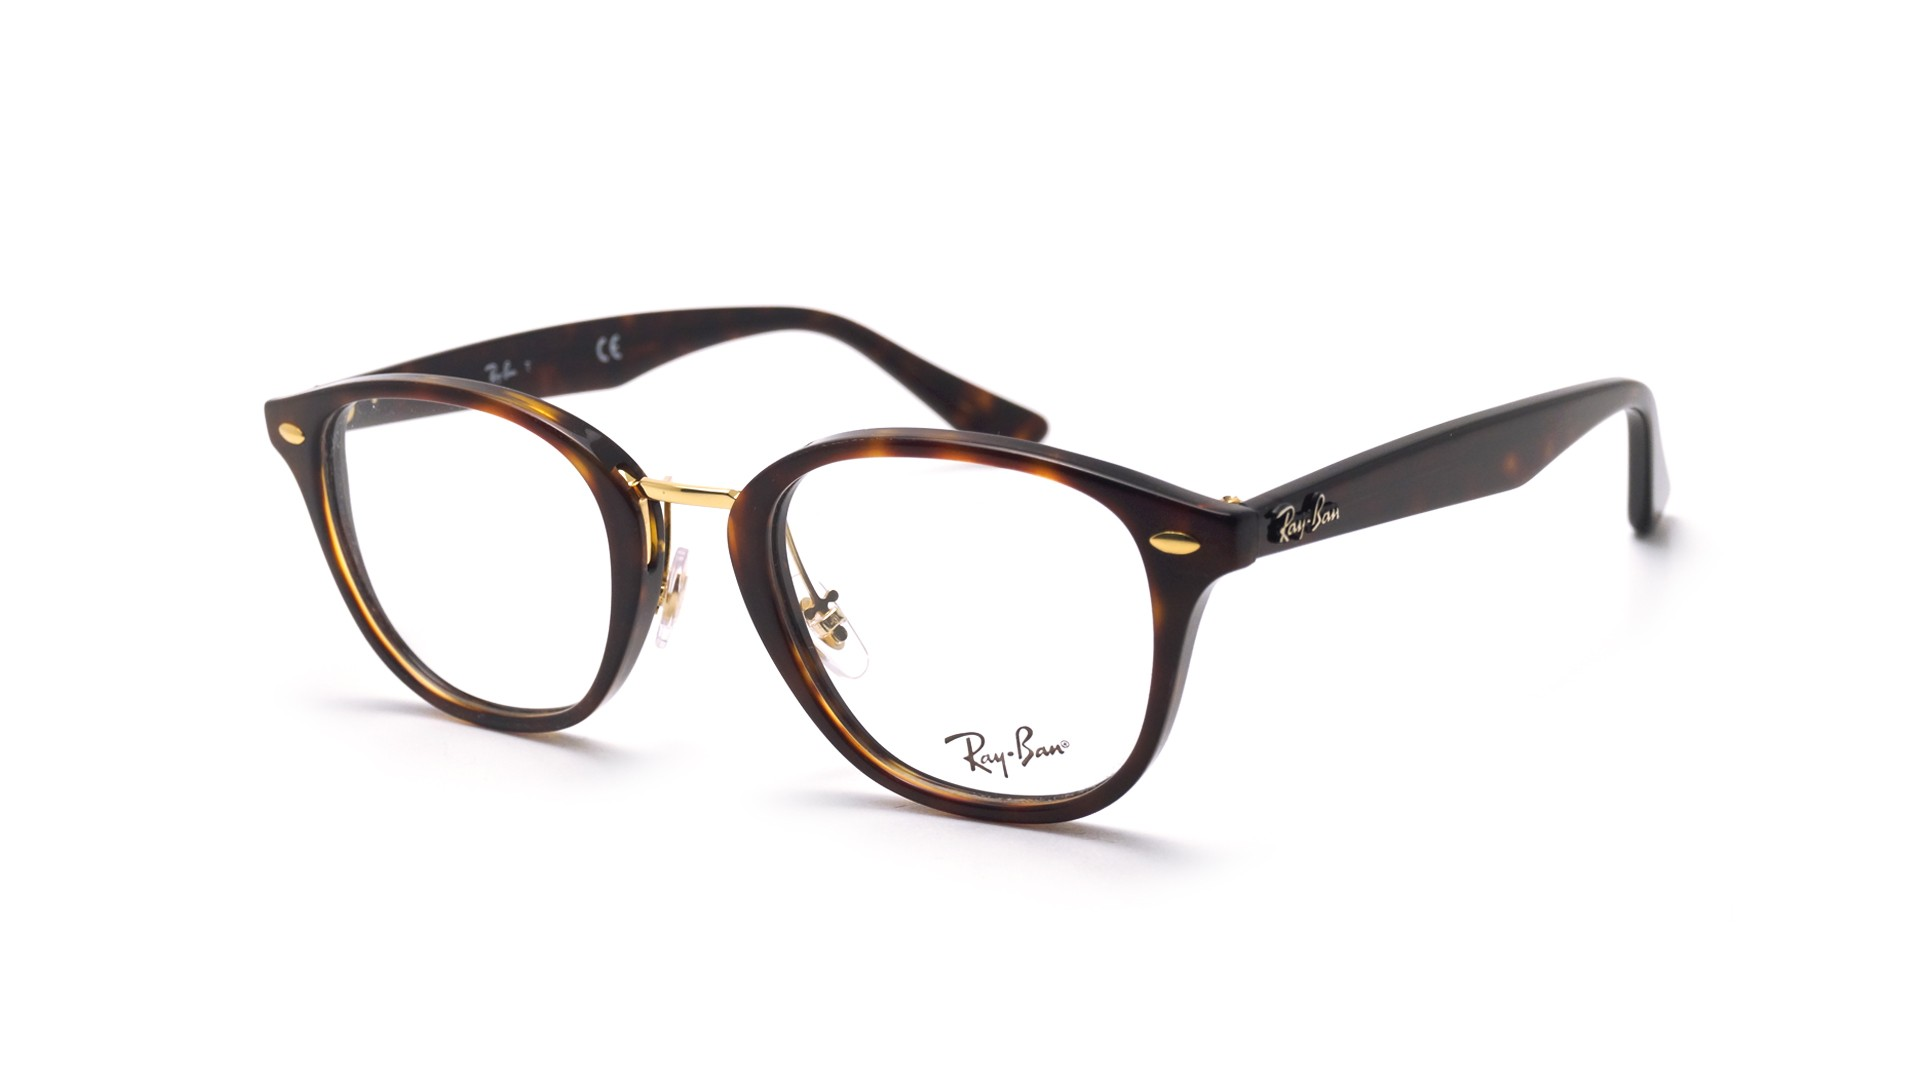 b1447ba8c8 Eyeglasses Ray-Ban RX5355 RB5355 5674 48-21 Tortoise Small